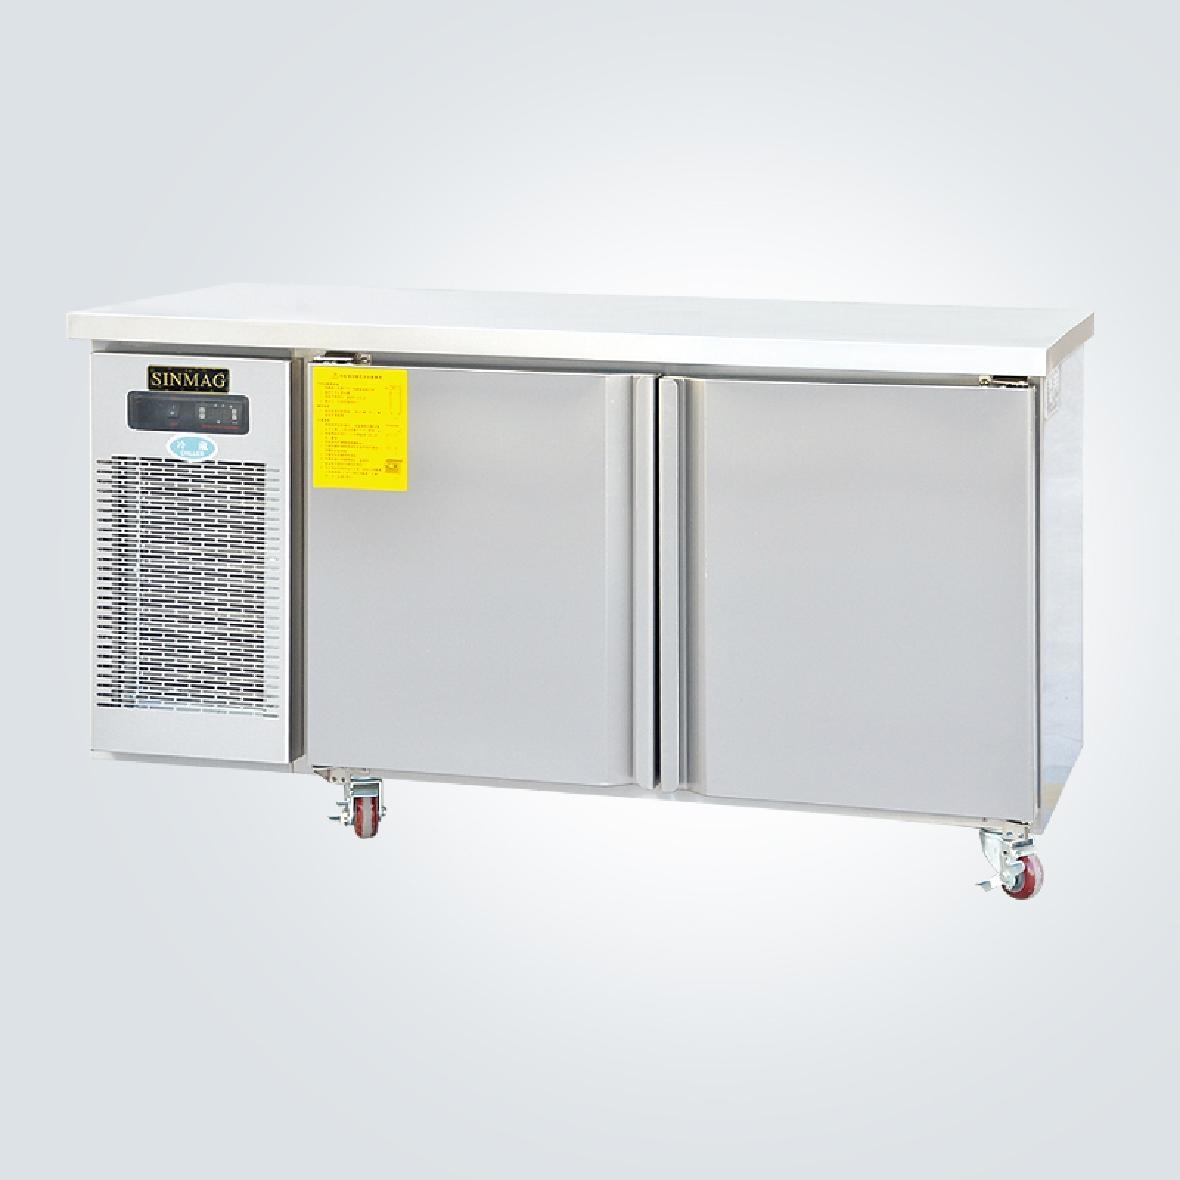 zg080 插盤式工作台